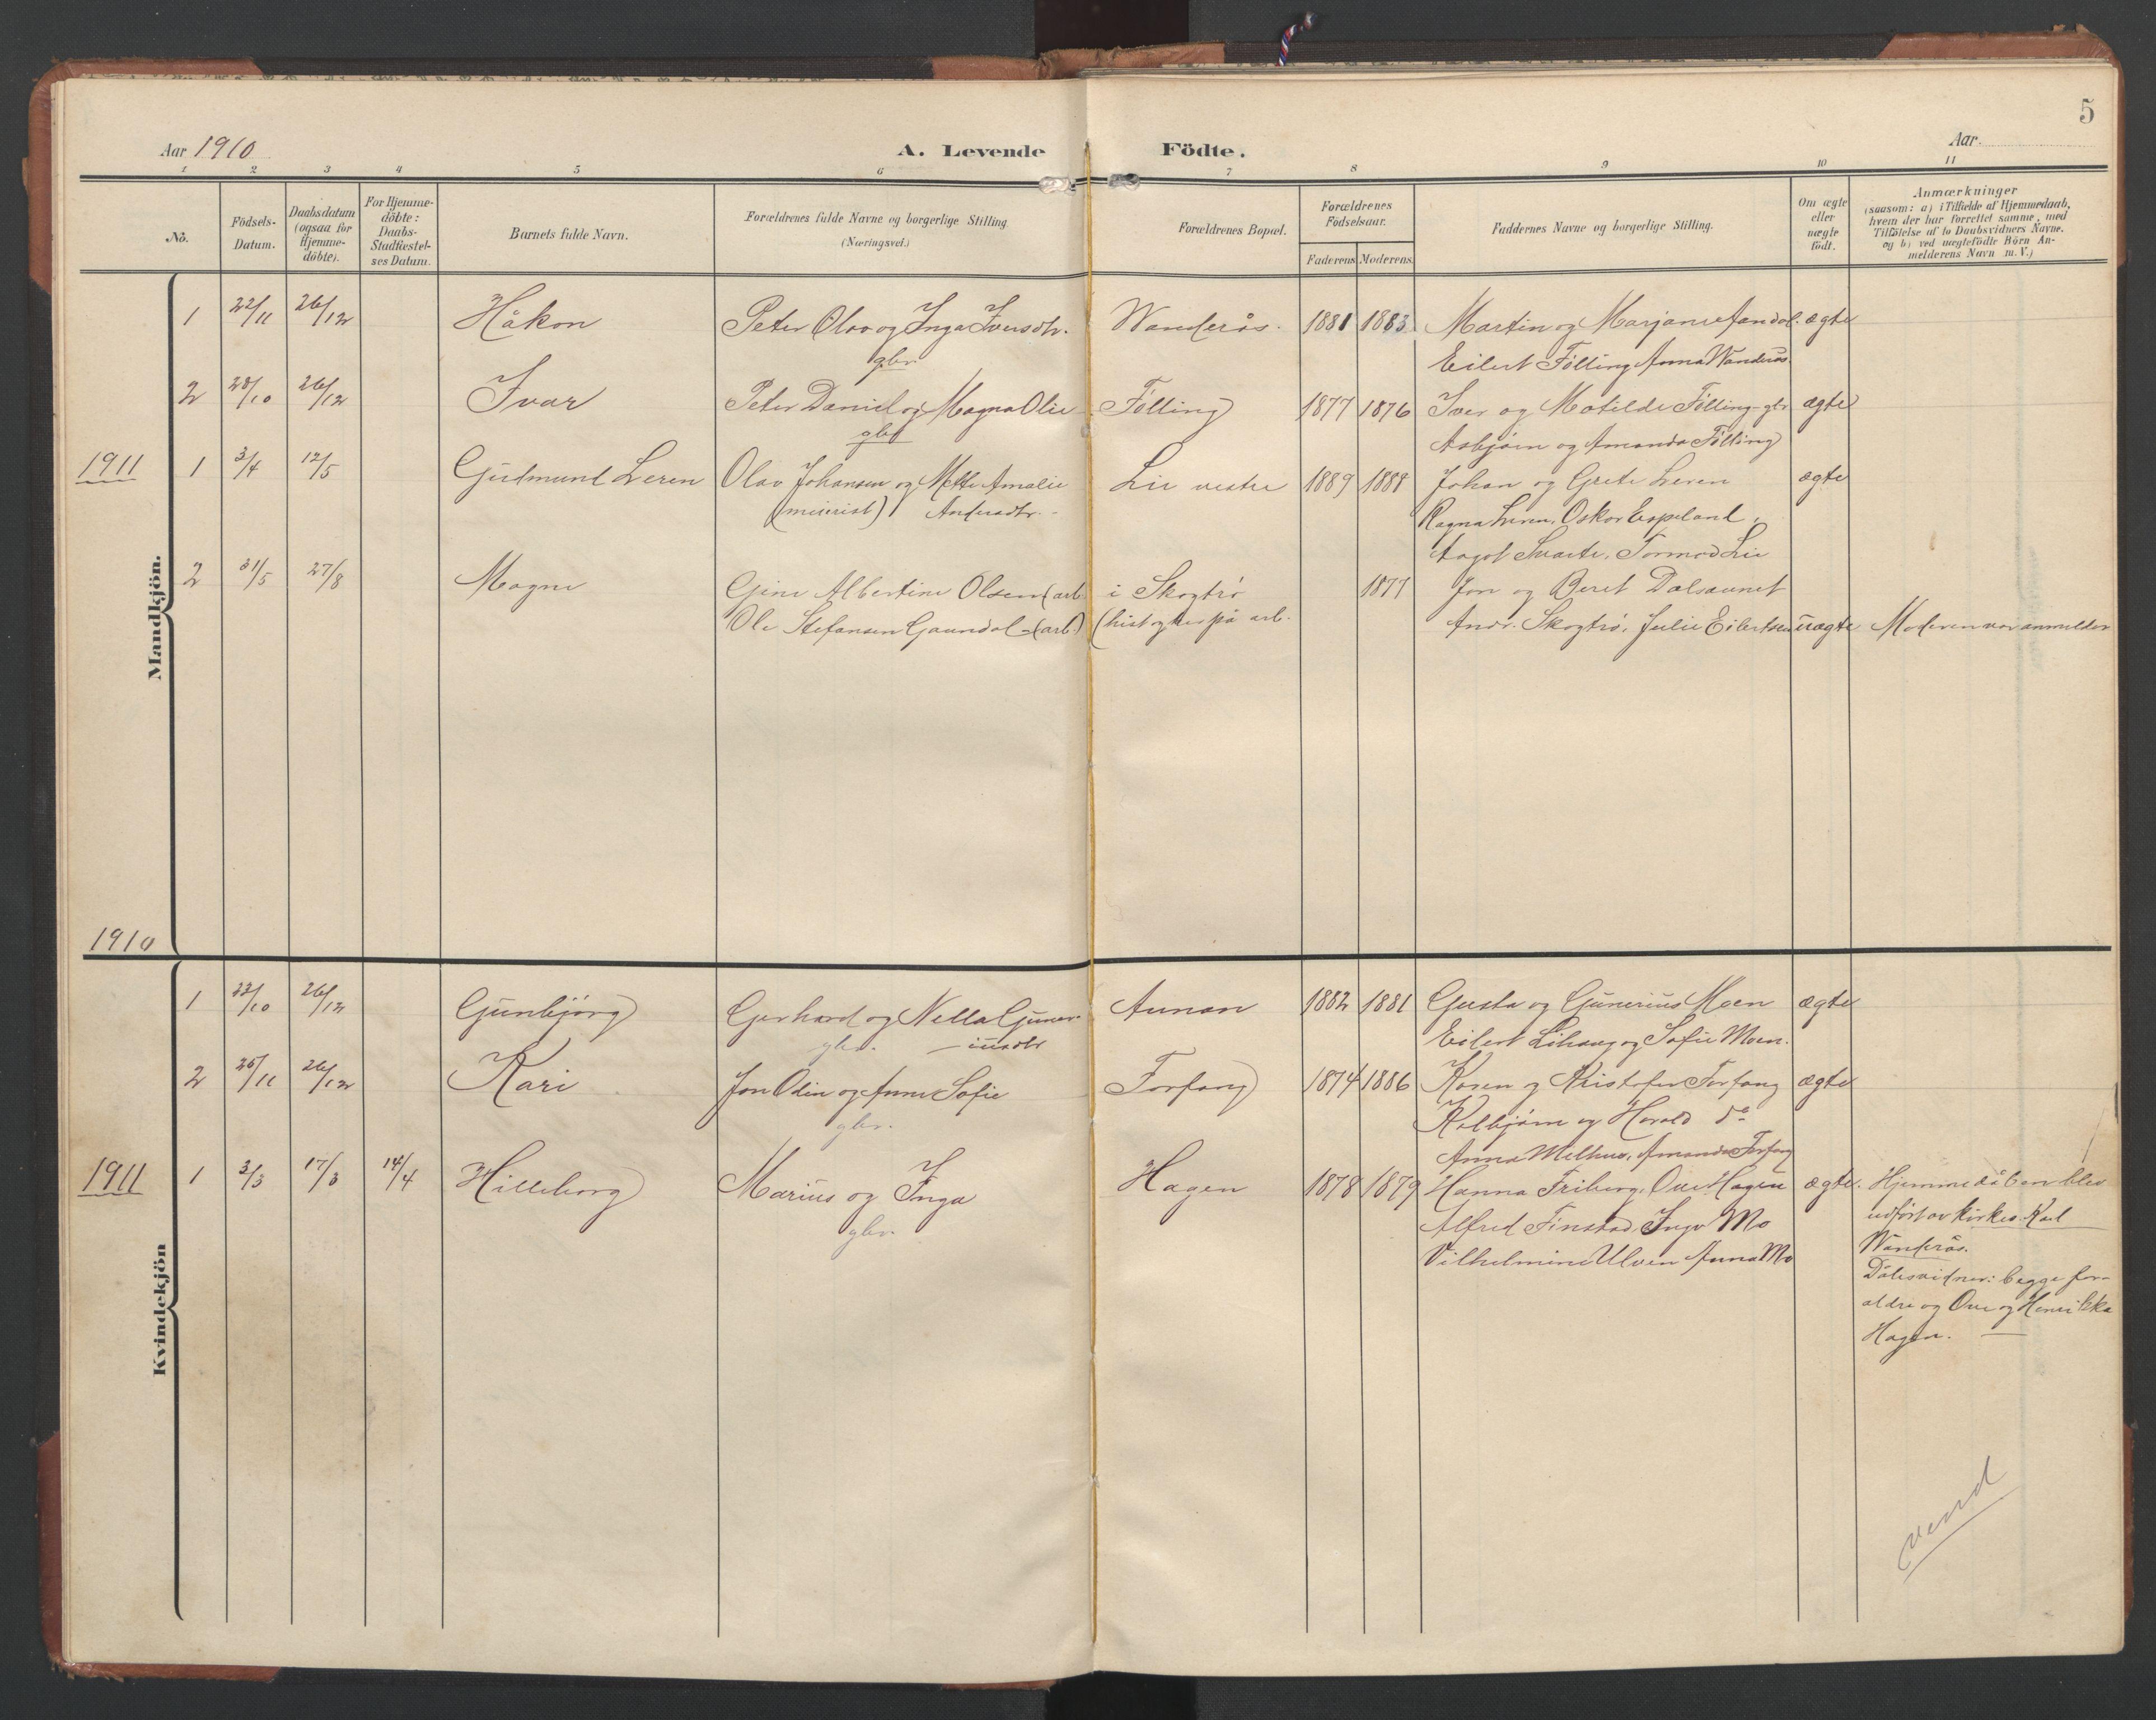 SAT, Ministerialprotokoller, klokkerbøker og fødselsregistre - Nord-Trøndelag, 748/L0465: Klokkerbok nr. 748C01, 1908-1960, s. 5